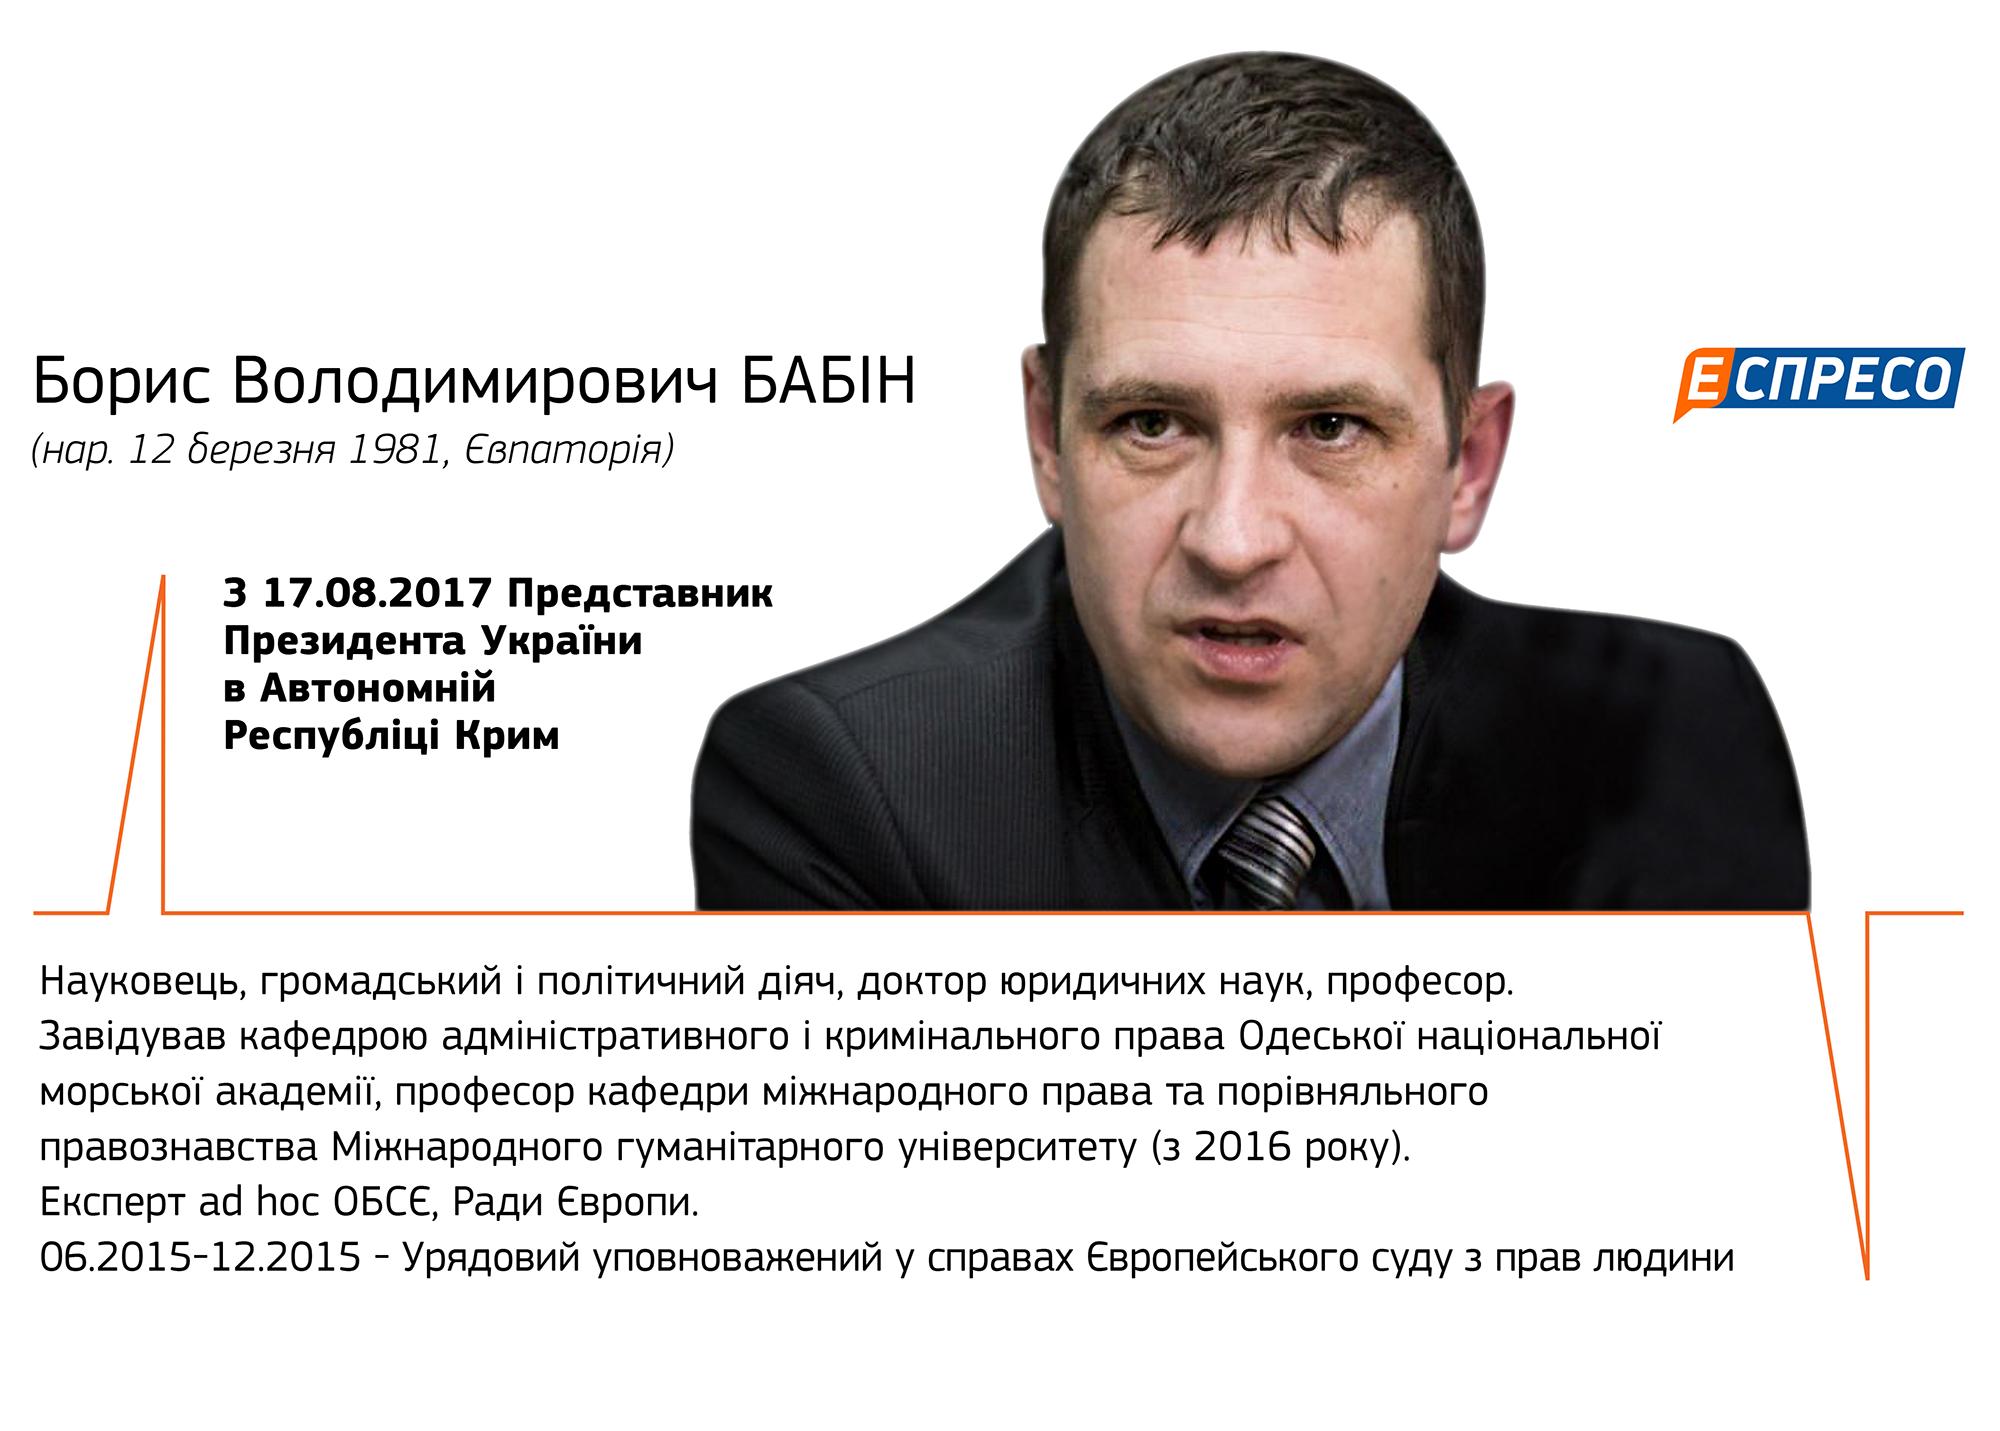 Борис Бабин: договором 2003 г. РФ открывала для себя путь в Крым, поэтому его надо расторгнуть